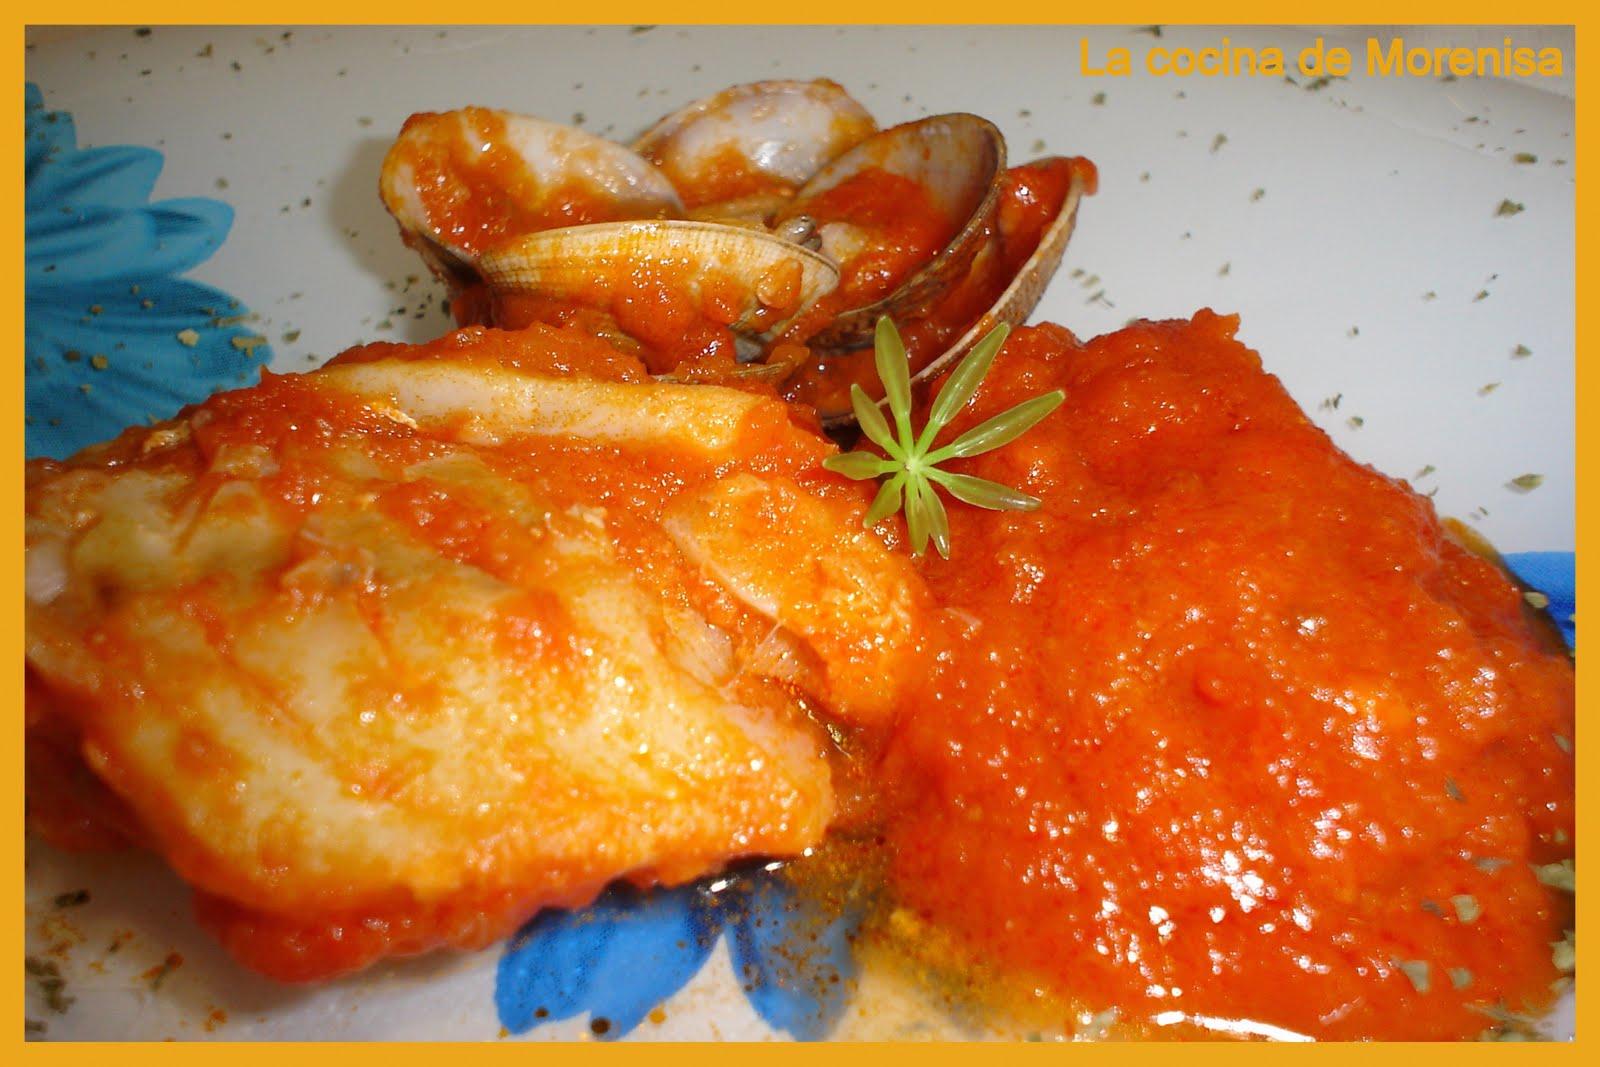 La cocina de morenisa bacalao con tomate y almejas - Bacalao fresco con tomate ...